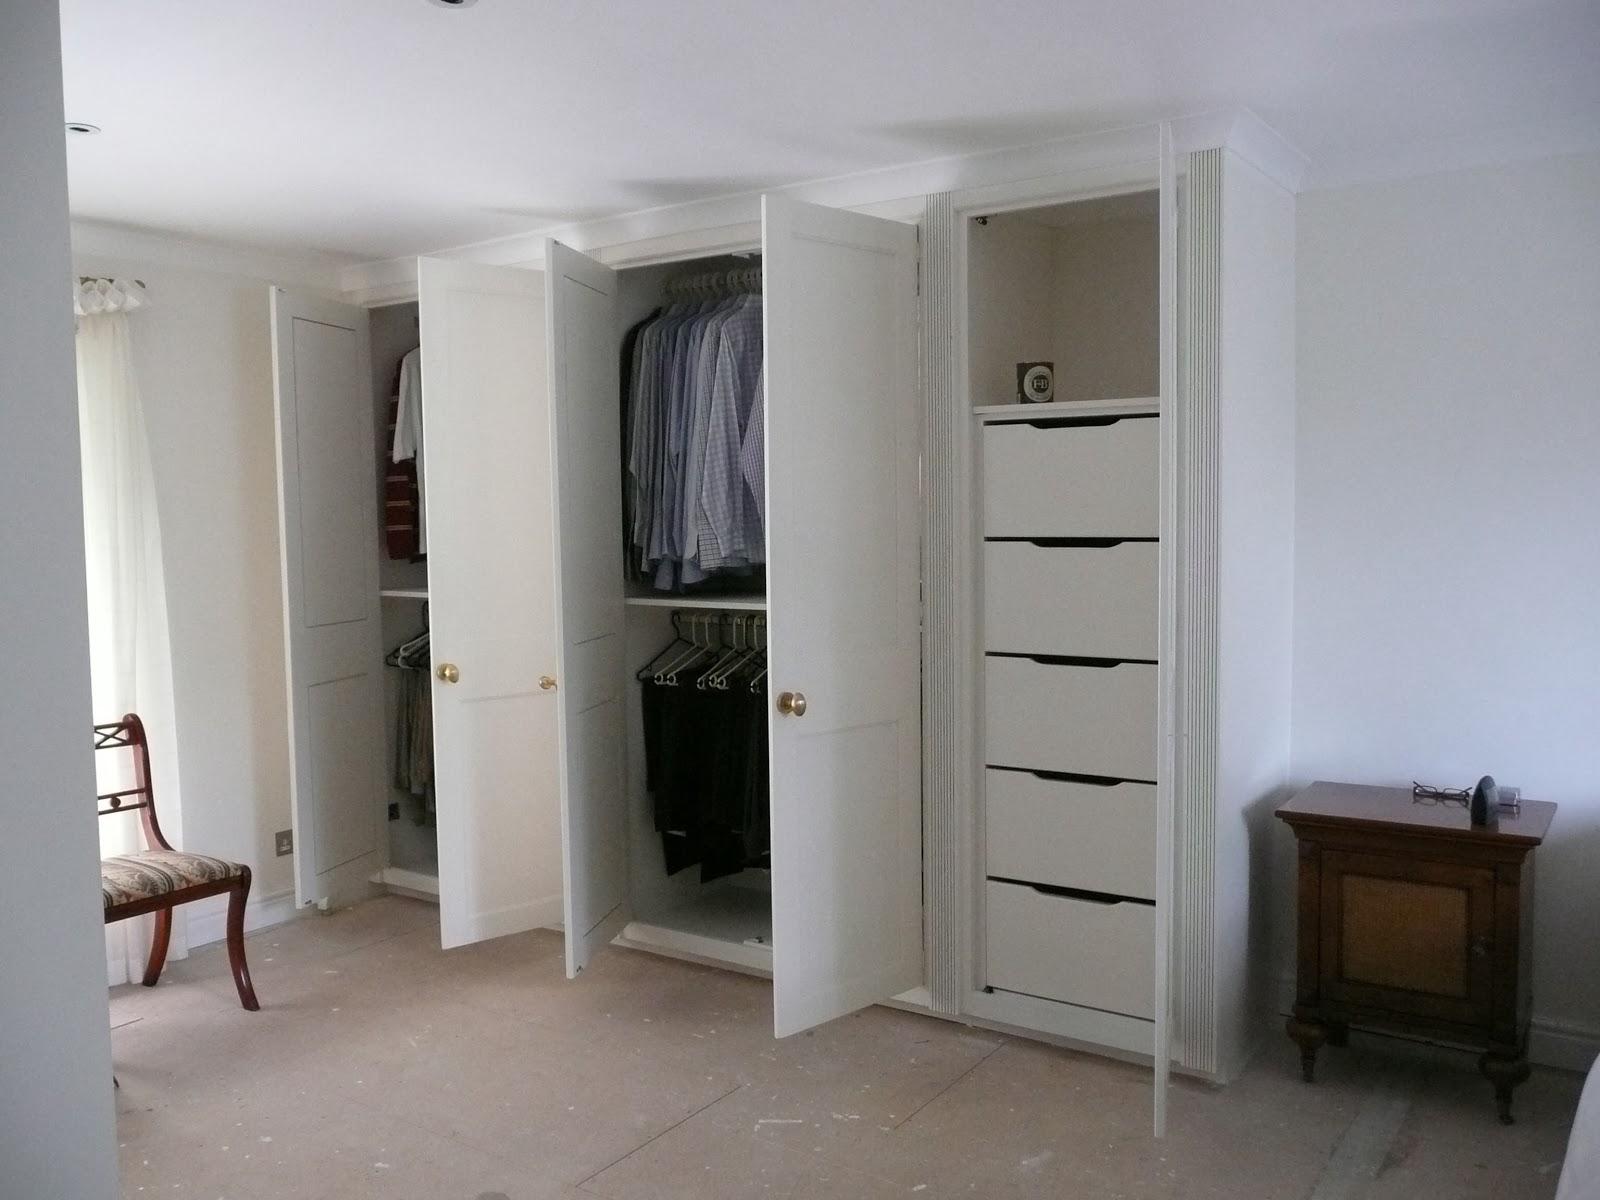 83 above wardrobe storage best 25 wardrobe storage for Over wardrobe storage